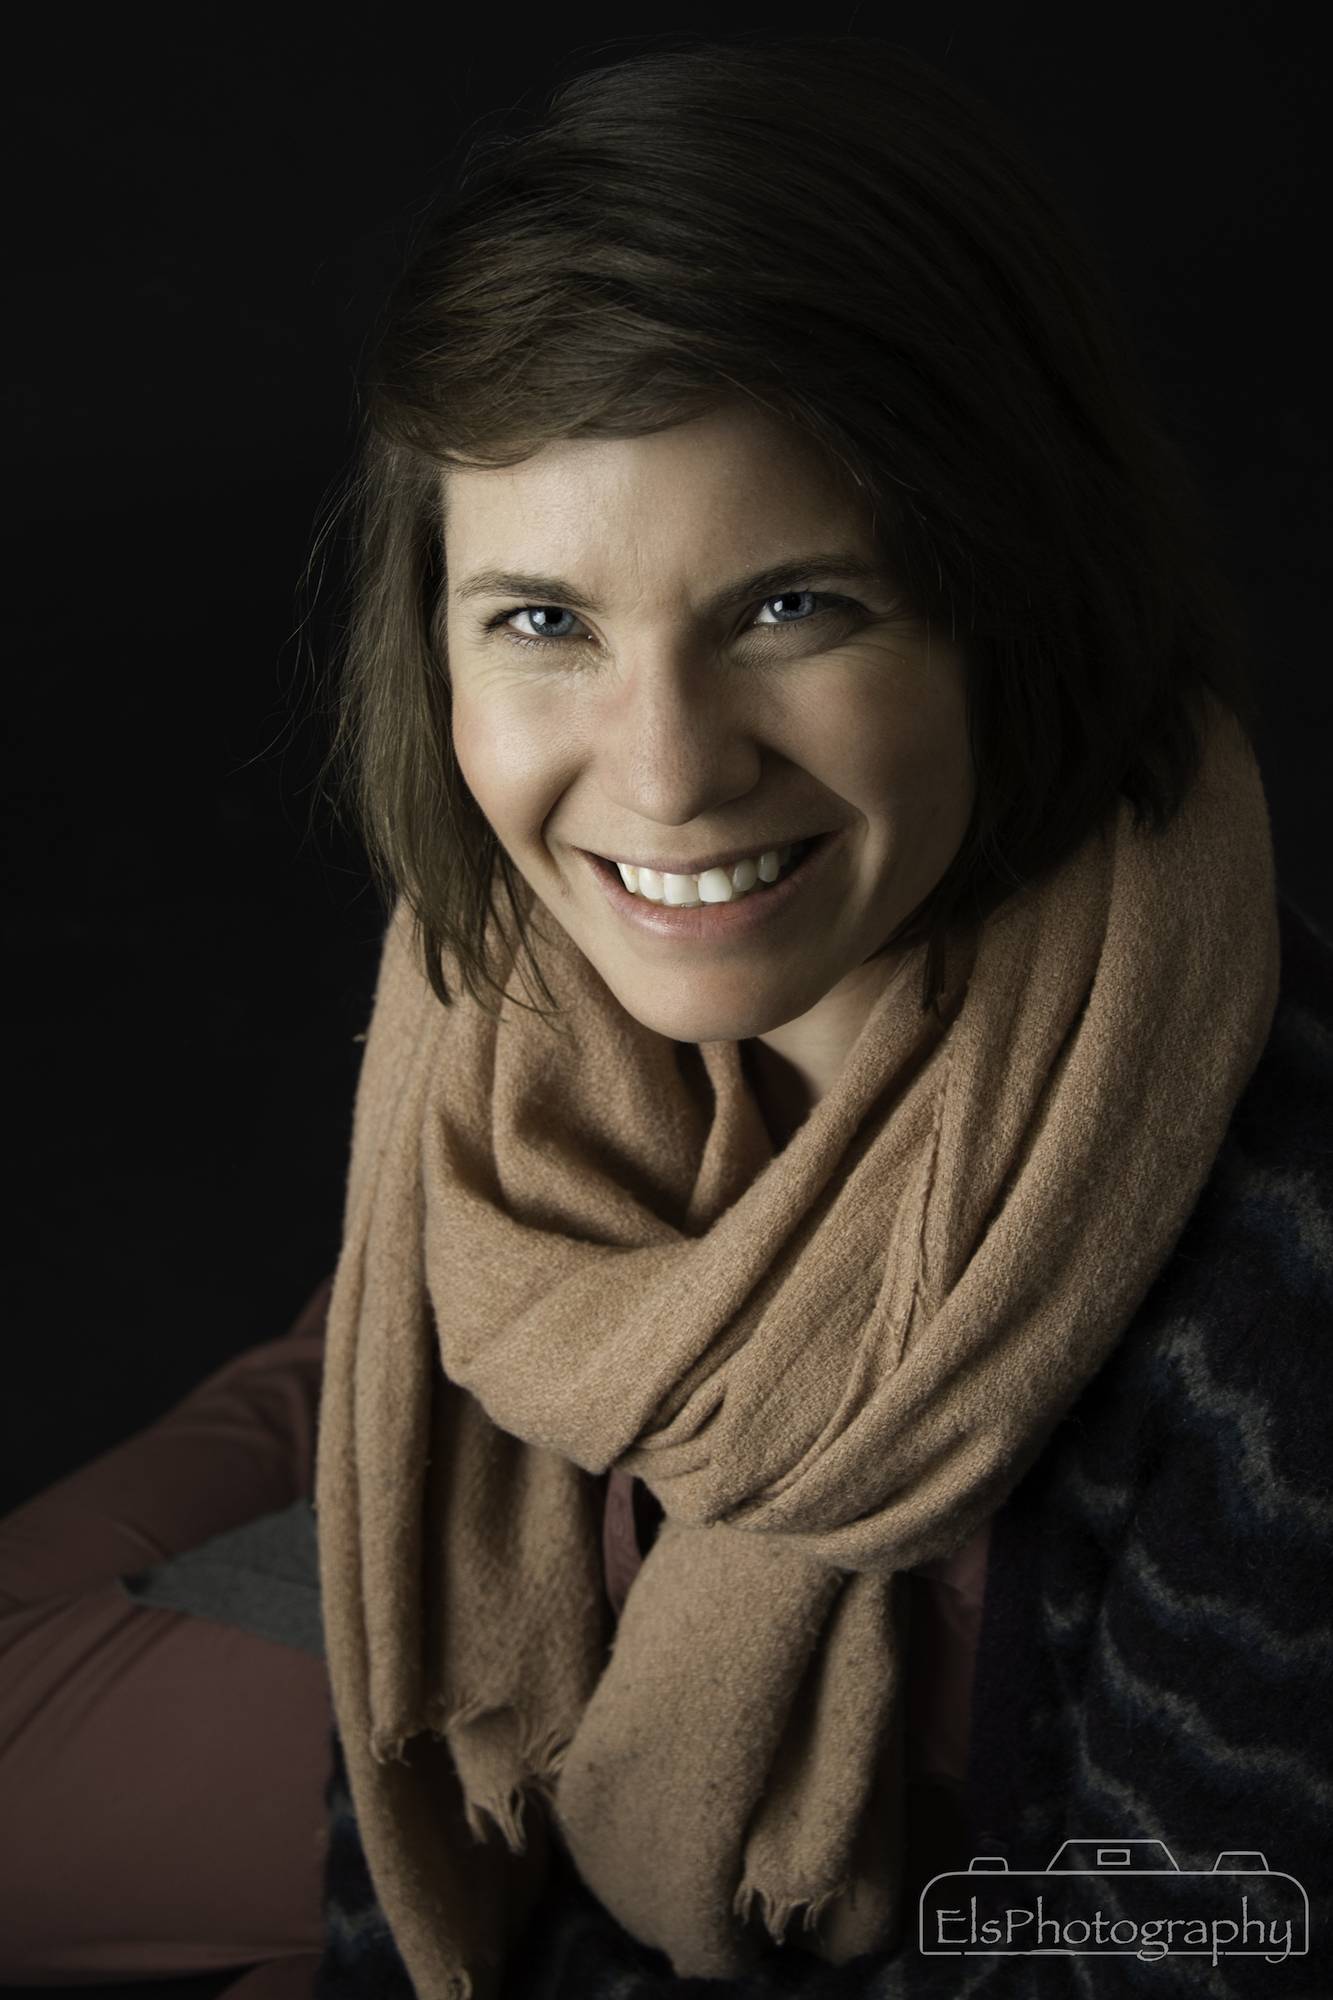 Sarah Timmermans